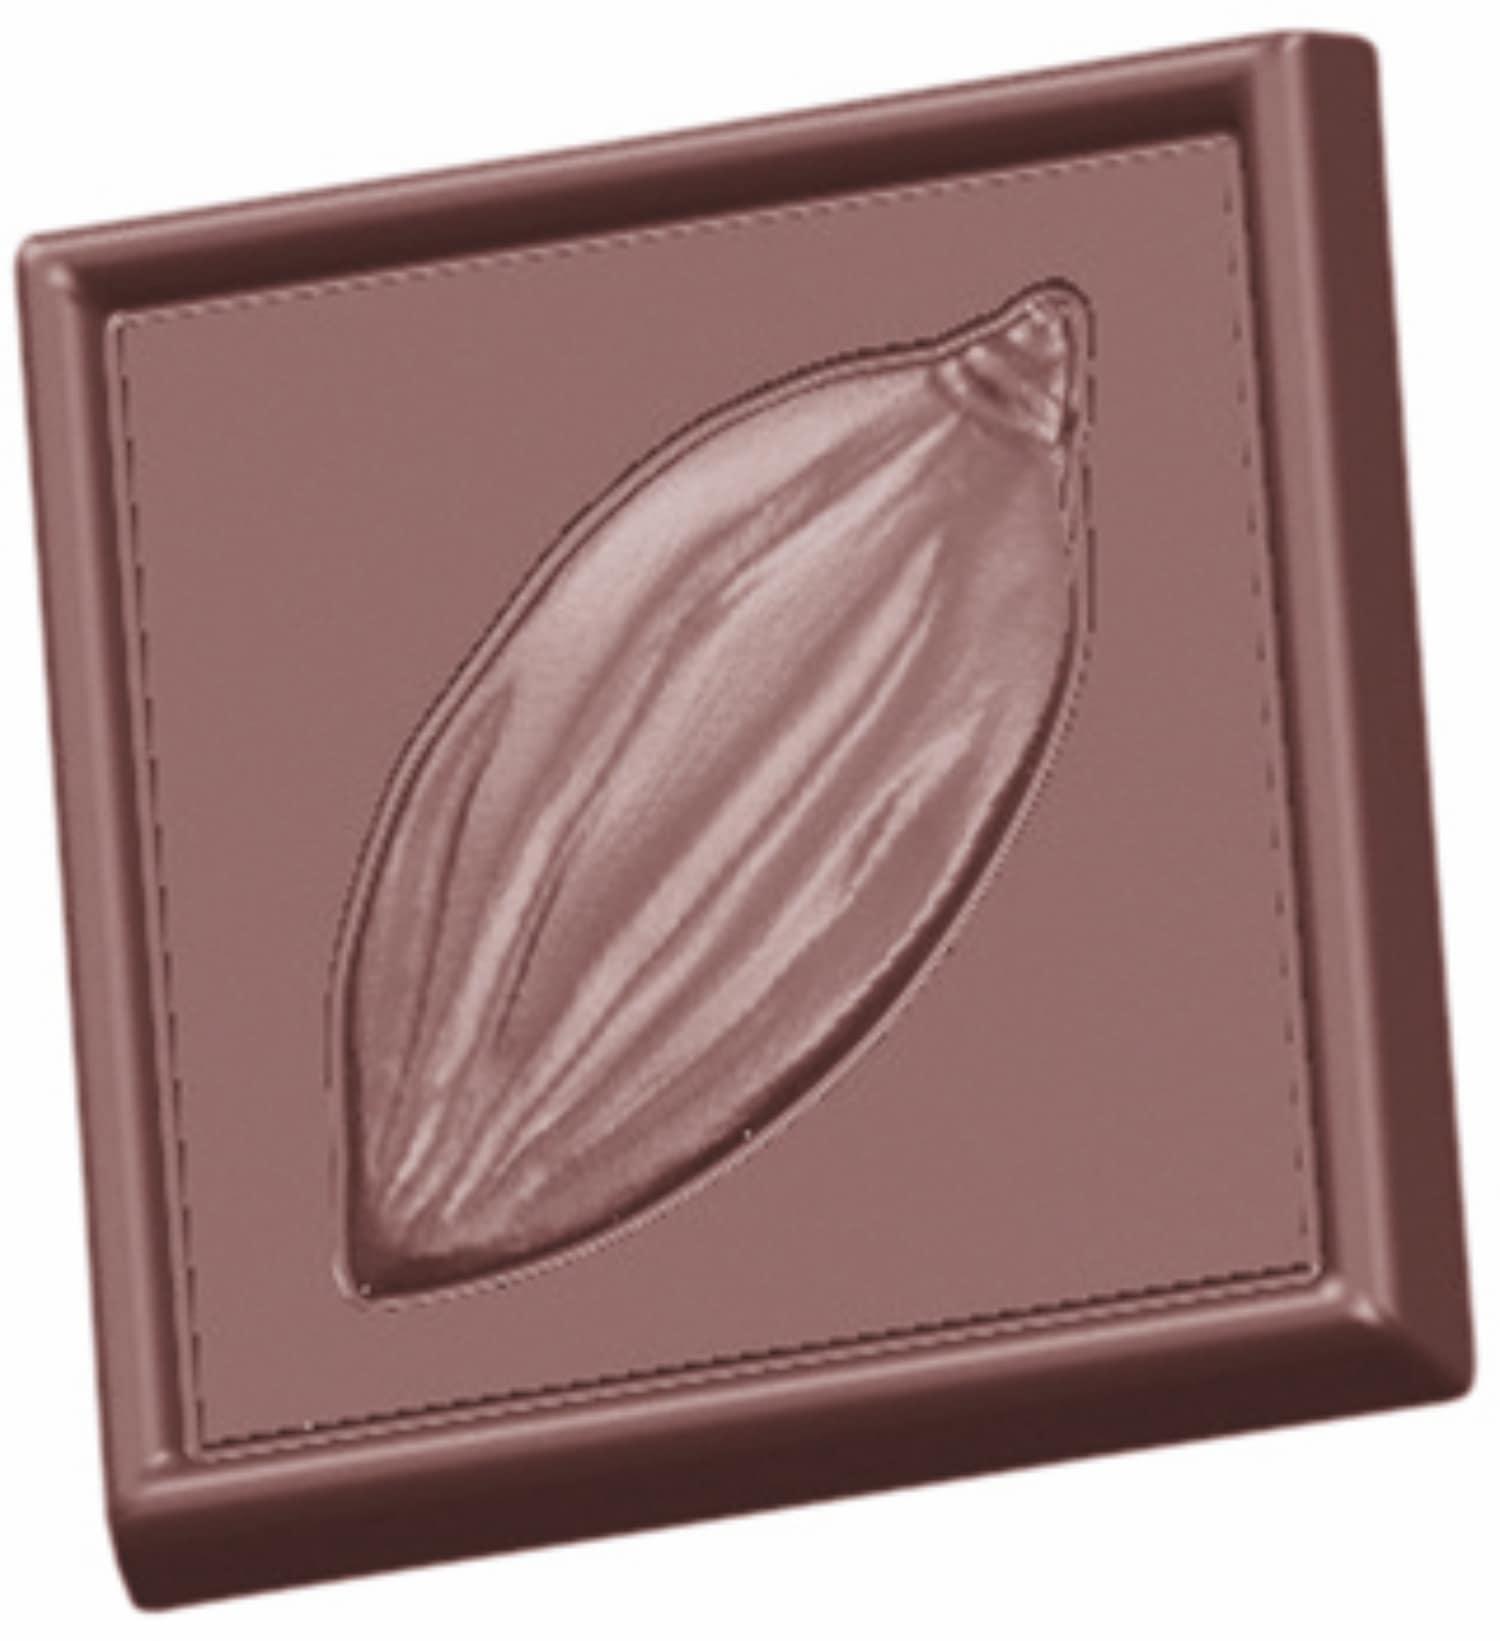 """Schokoladenform """"Kakaobohne"""" 422431"""